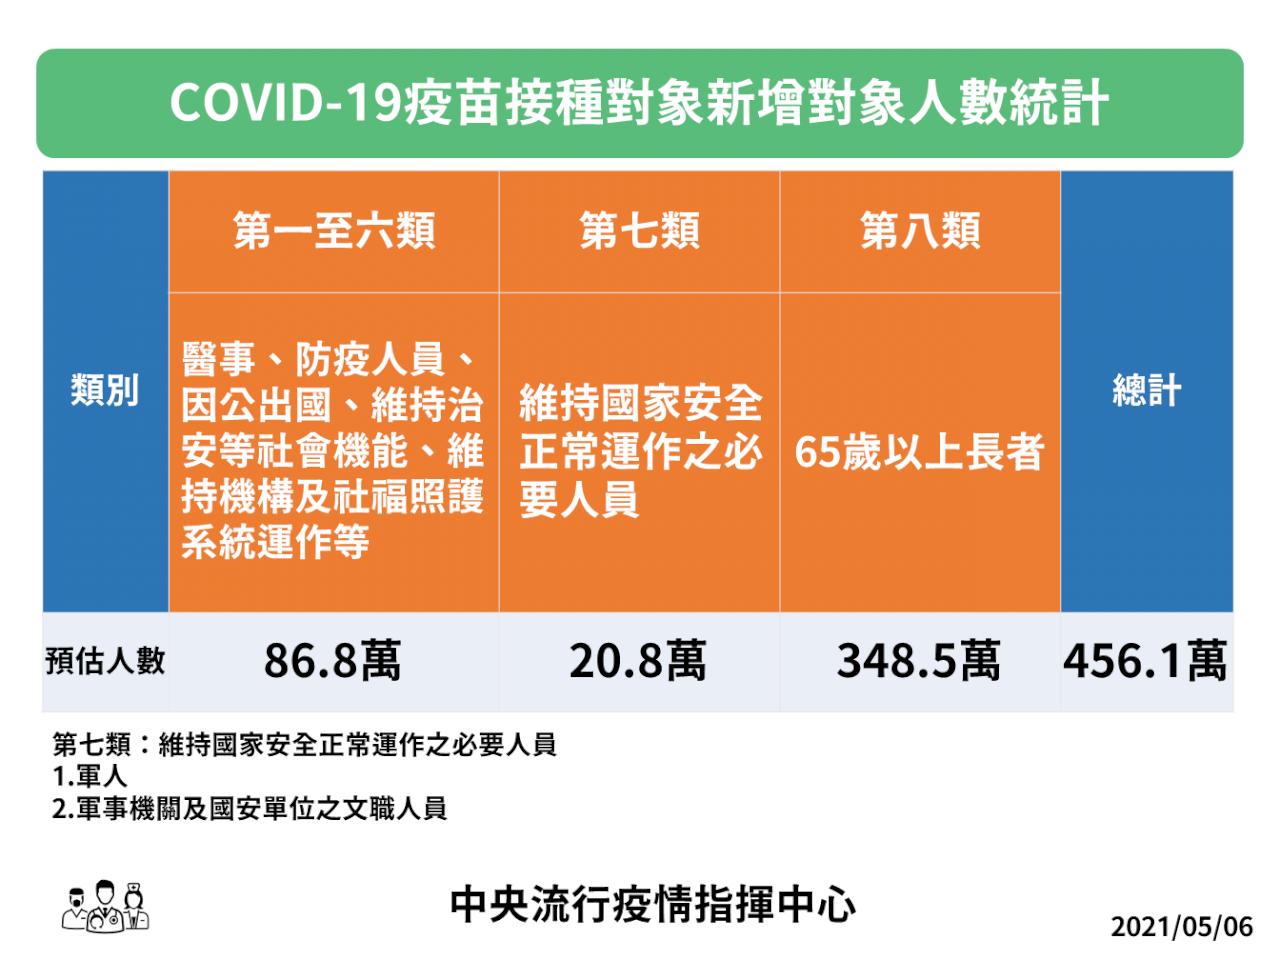 公費疫苗再擴大 5/10起開放軍人、65歲以上長輩接種